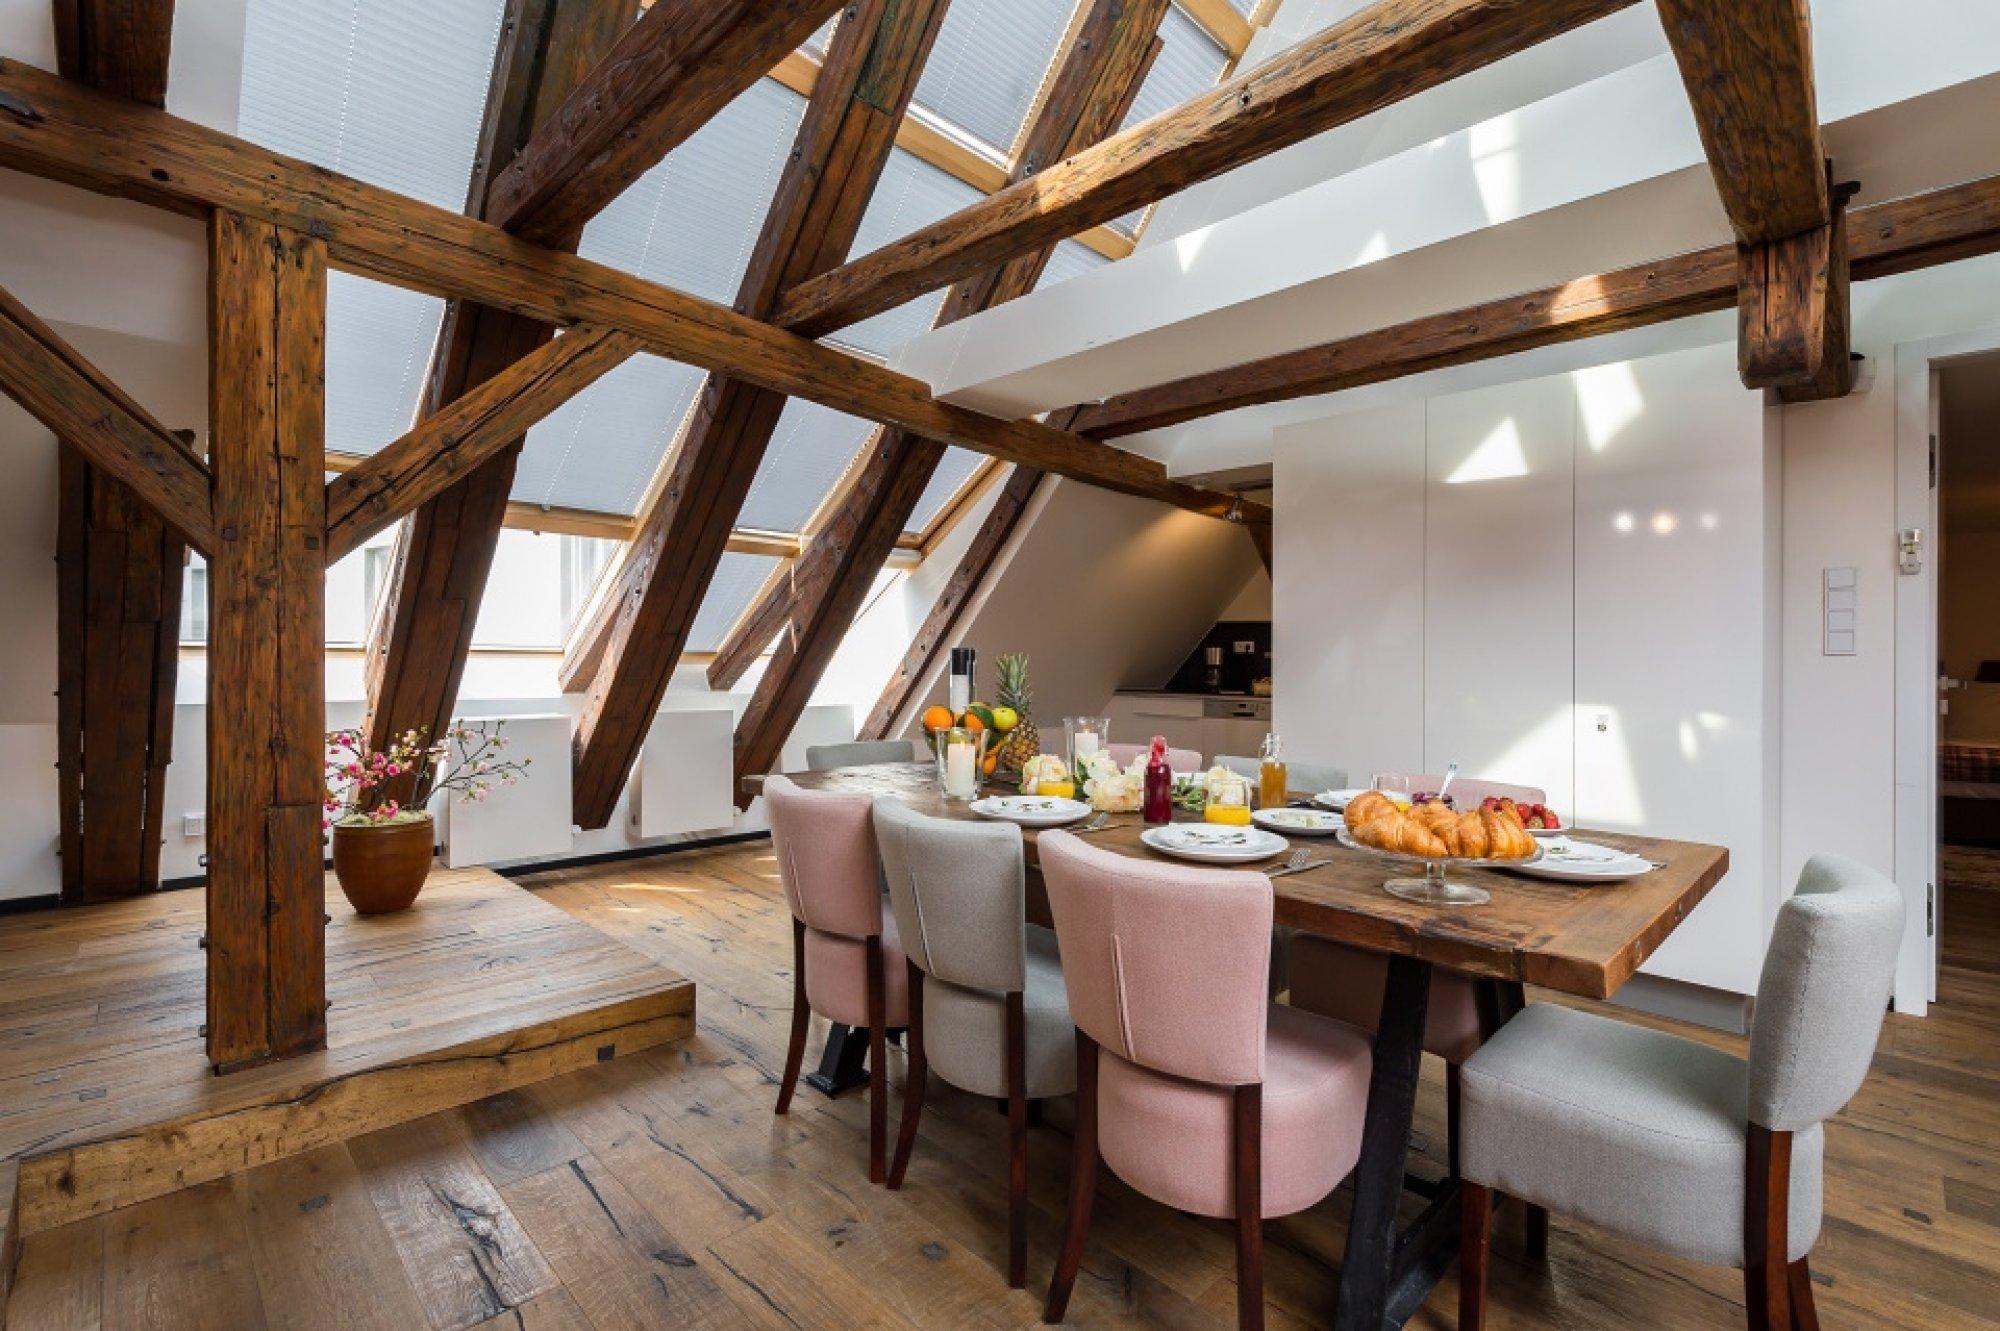 Půdní byt 4+kk, plocha 194 m², ulice Tržiště, Praha 1 - Malá Strana | 3